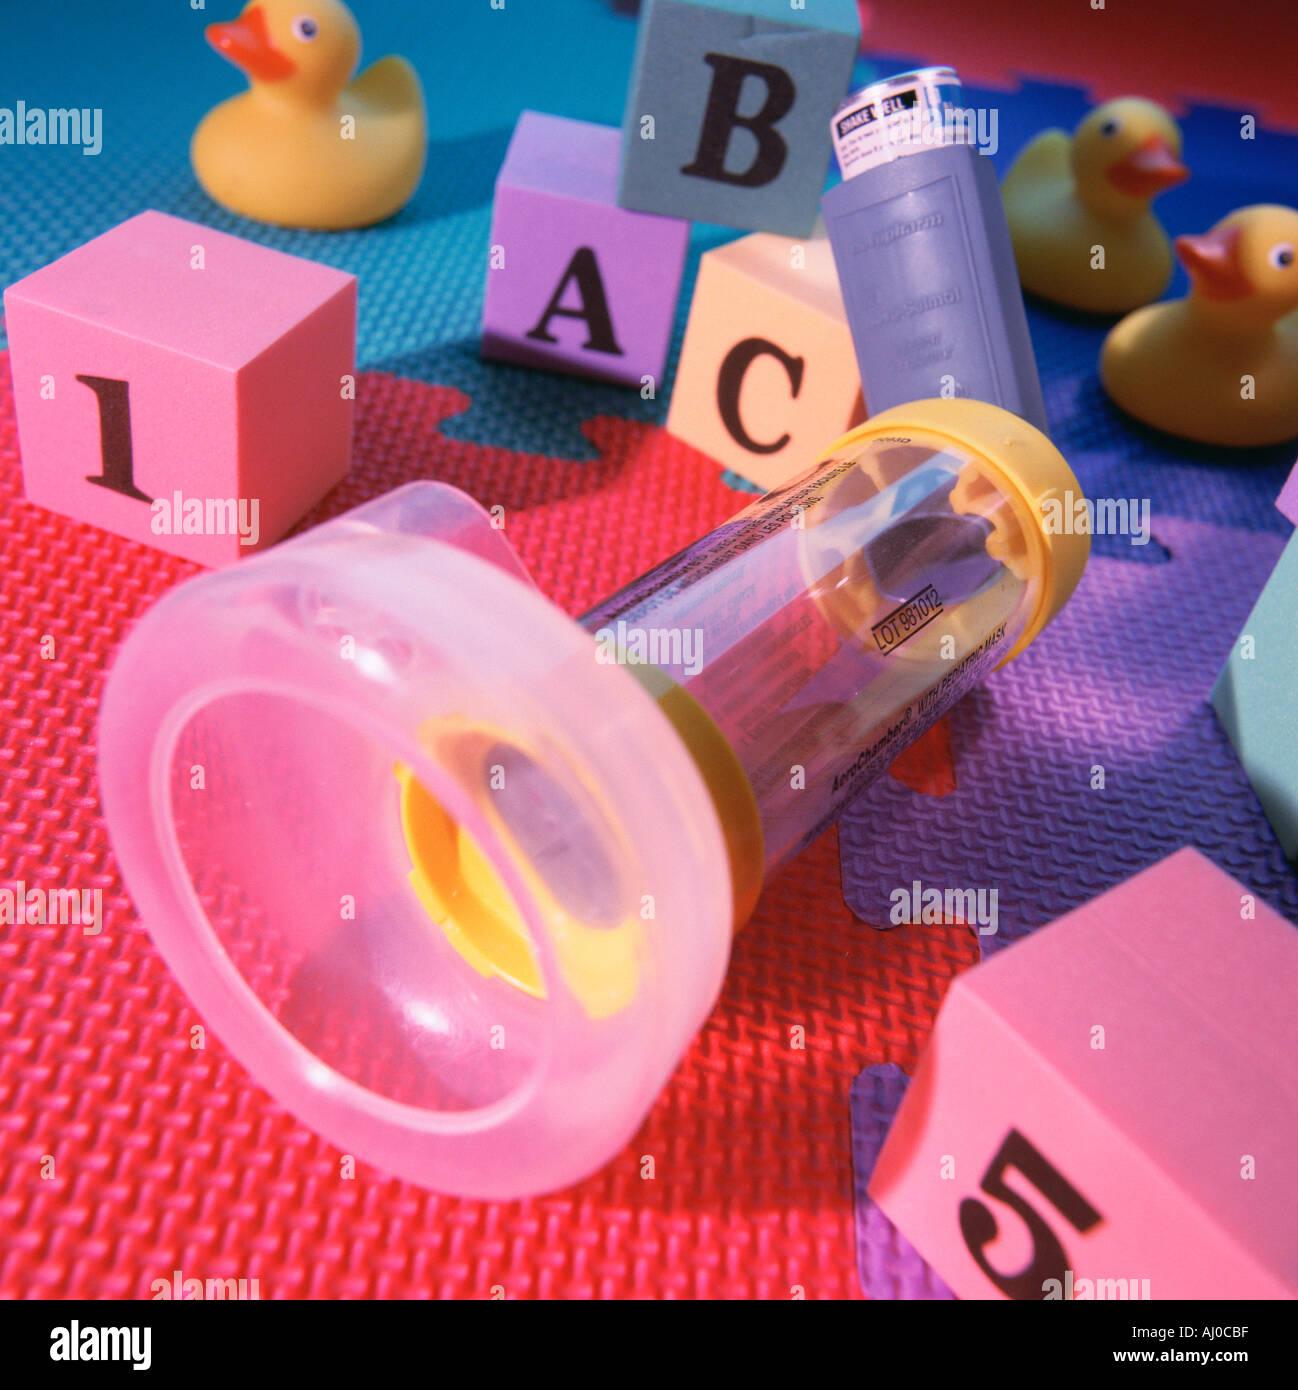 Nahaufnahme von einem Kind Asthma-Inhalator liegend auf einer Puzzle-Matte unter Alphabet Blöcke und gelbe Stockbild